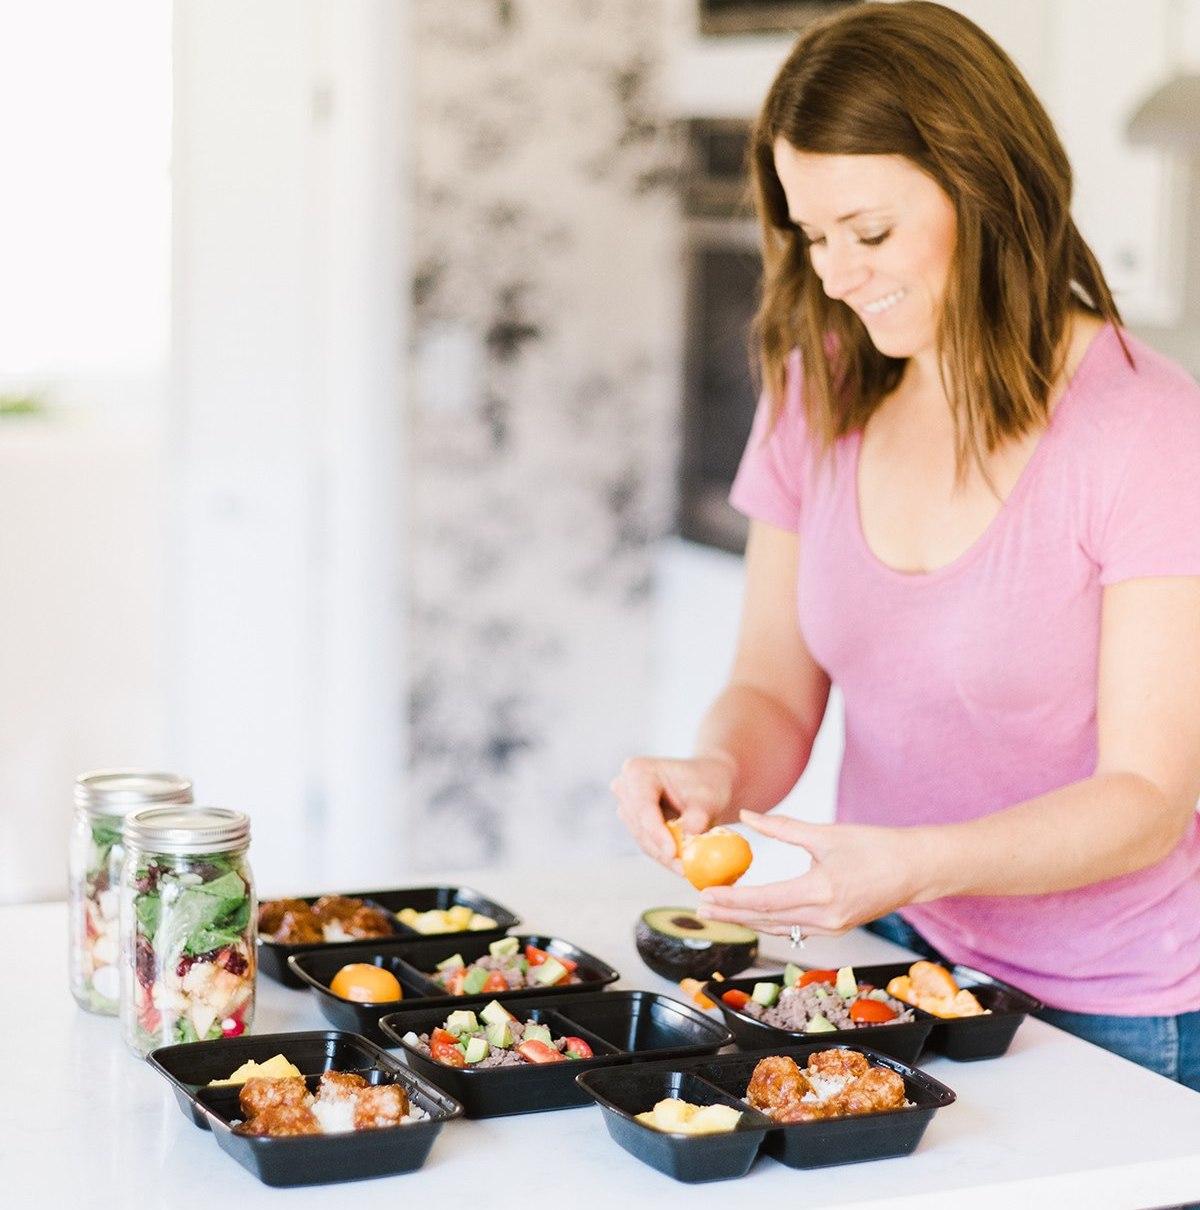 preparing meals in kitchen